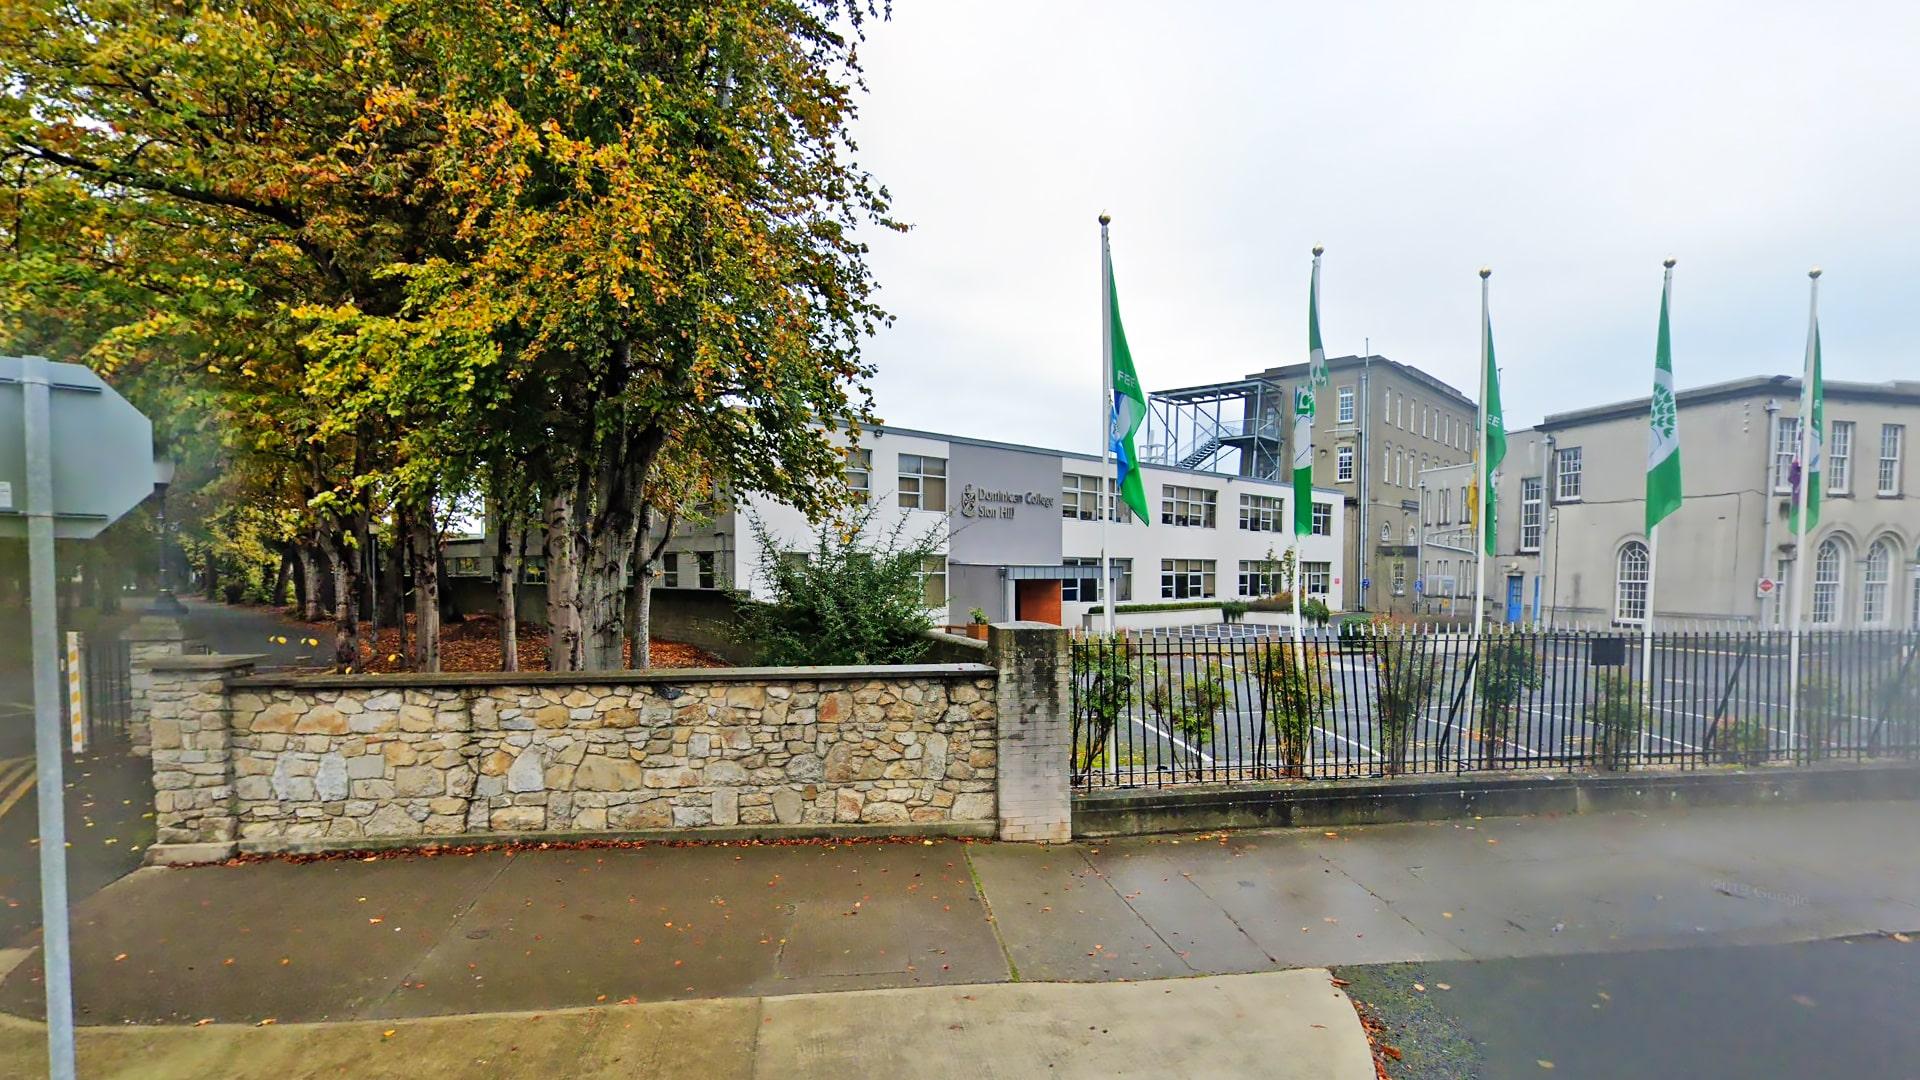 Colegio año escolar en Irlanda Sion Hill Dominican College